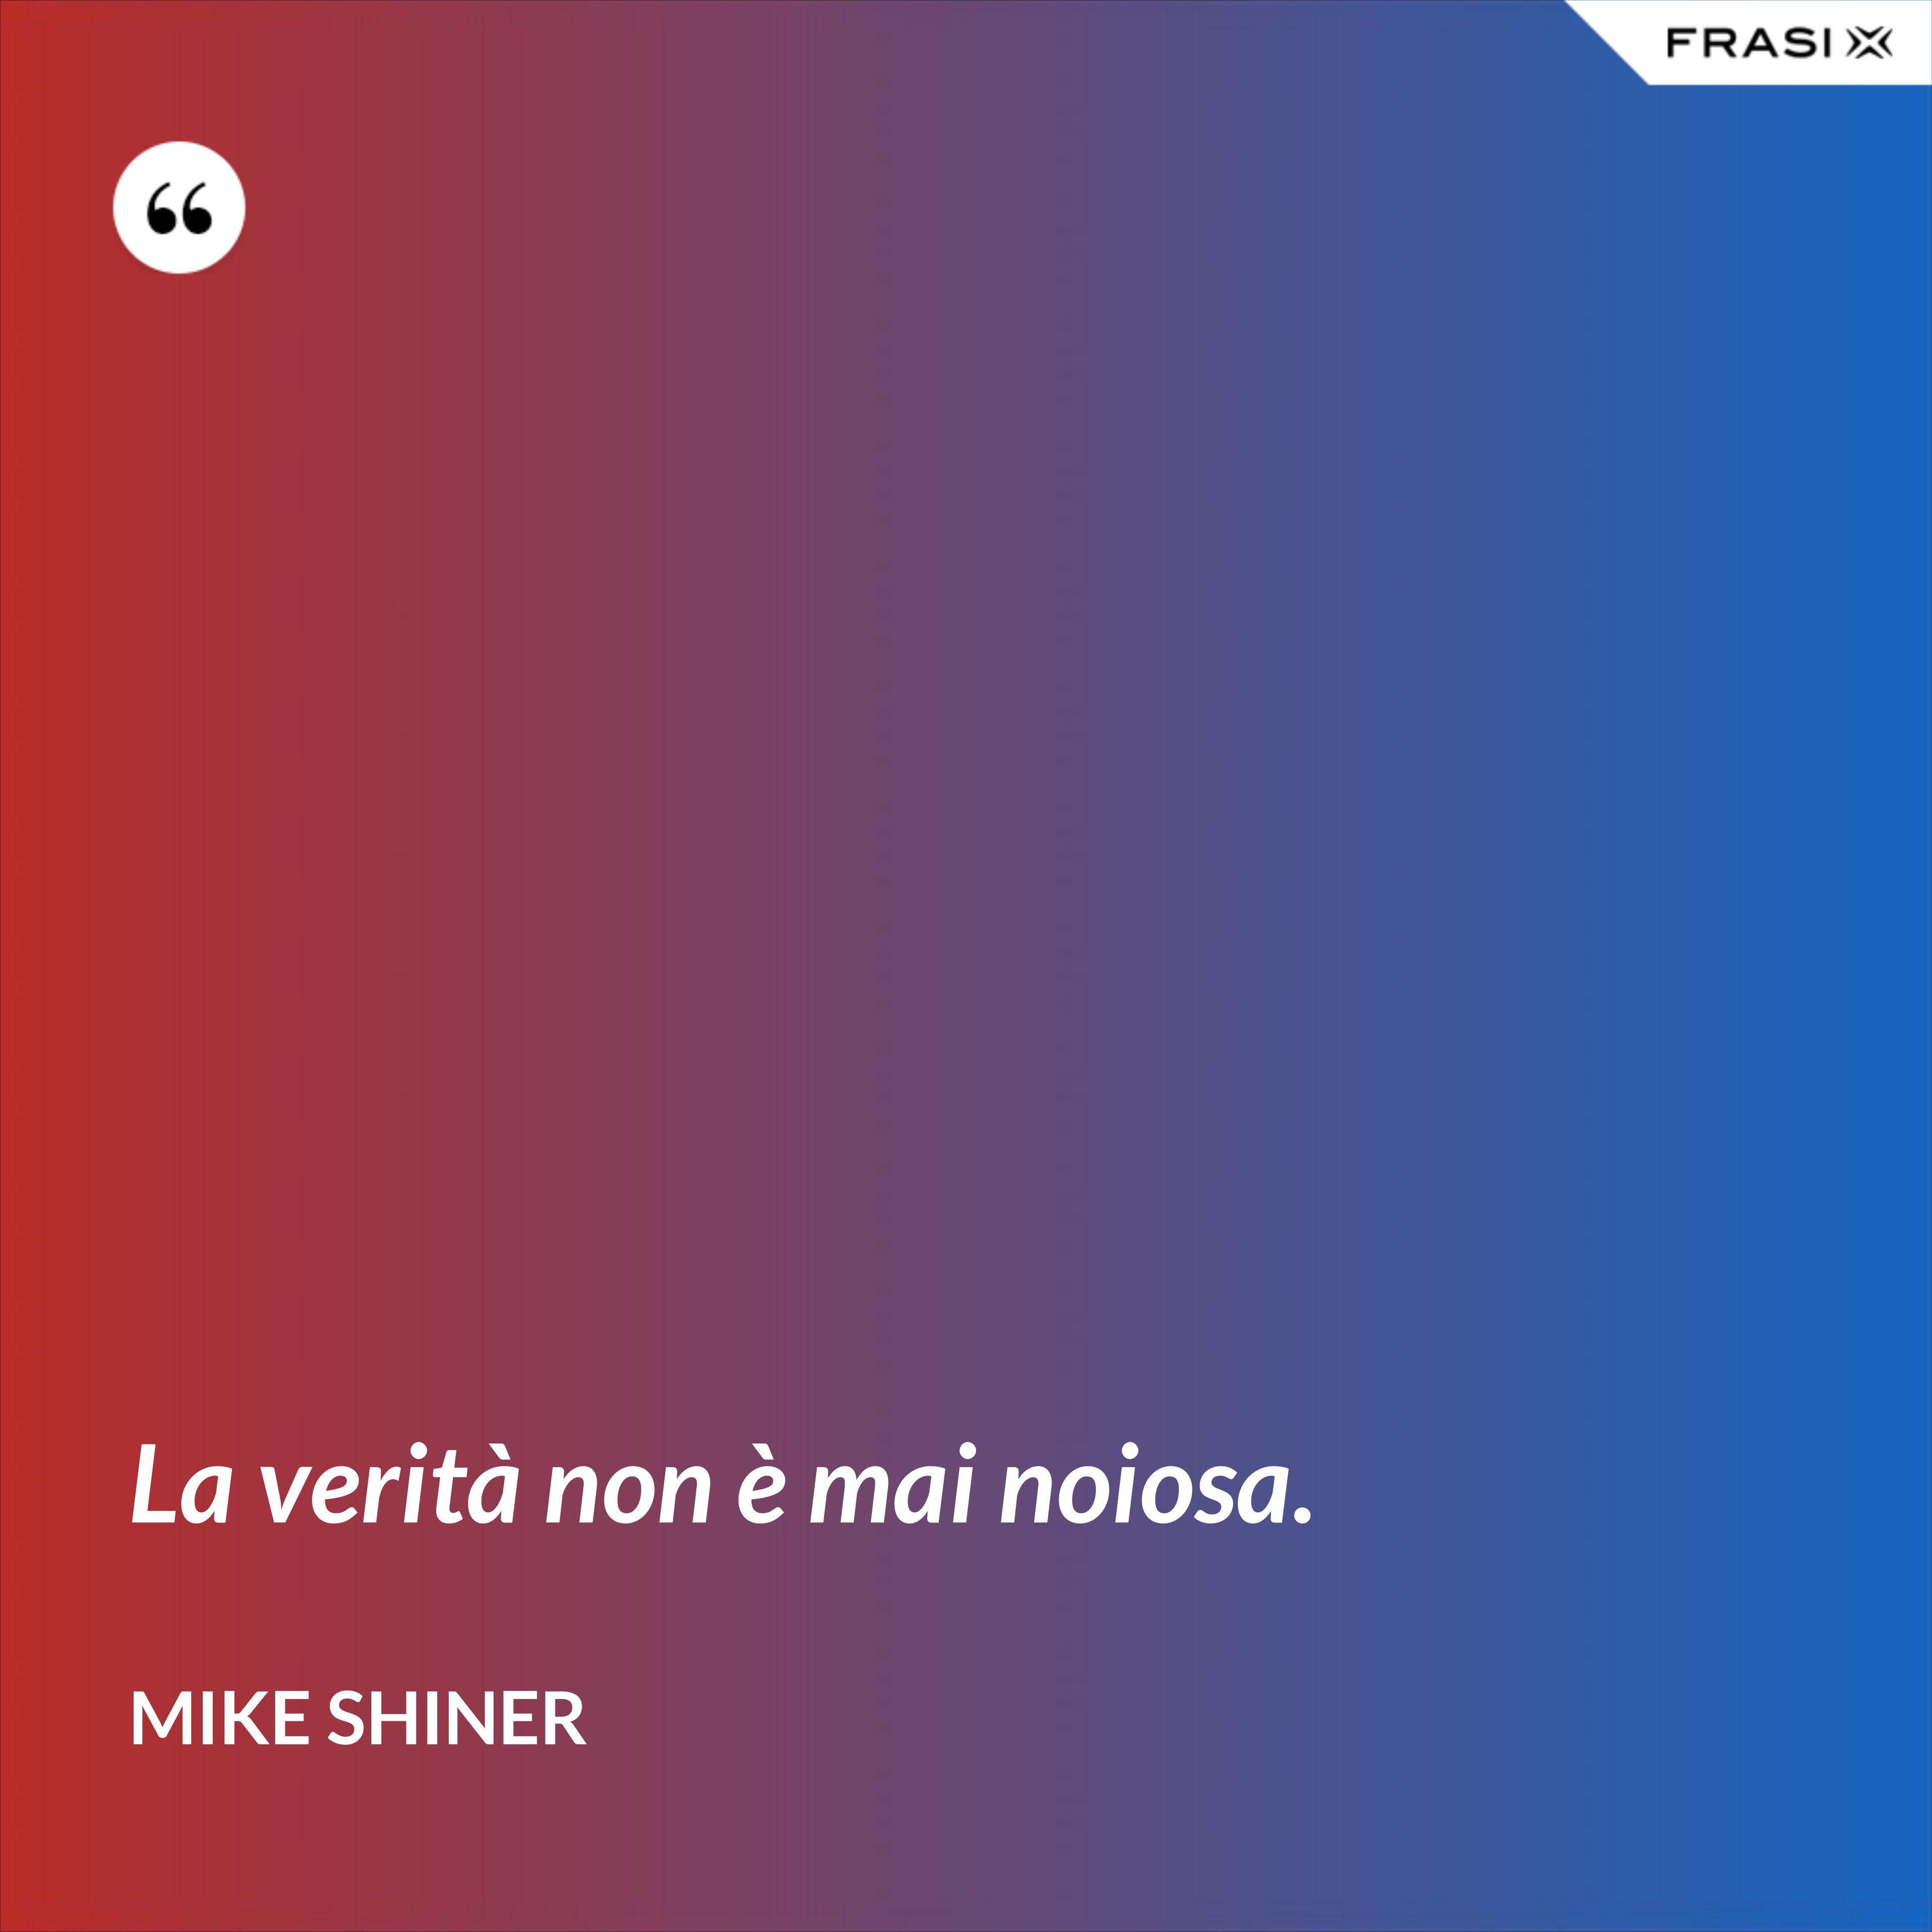 La verità non è mai noiosa. - Mike Shiner